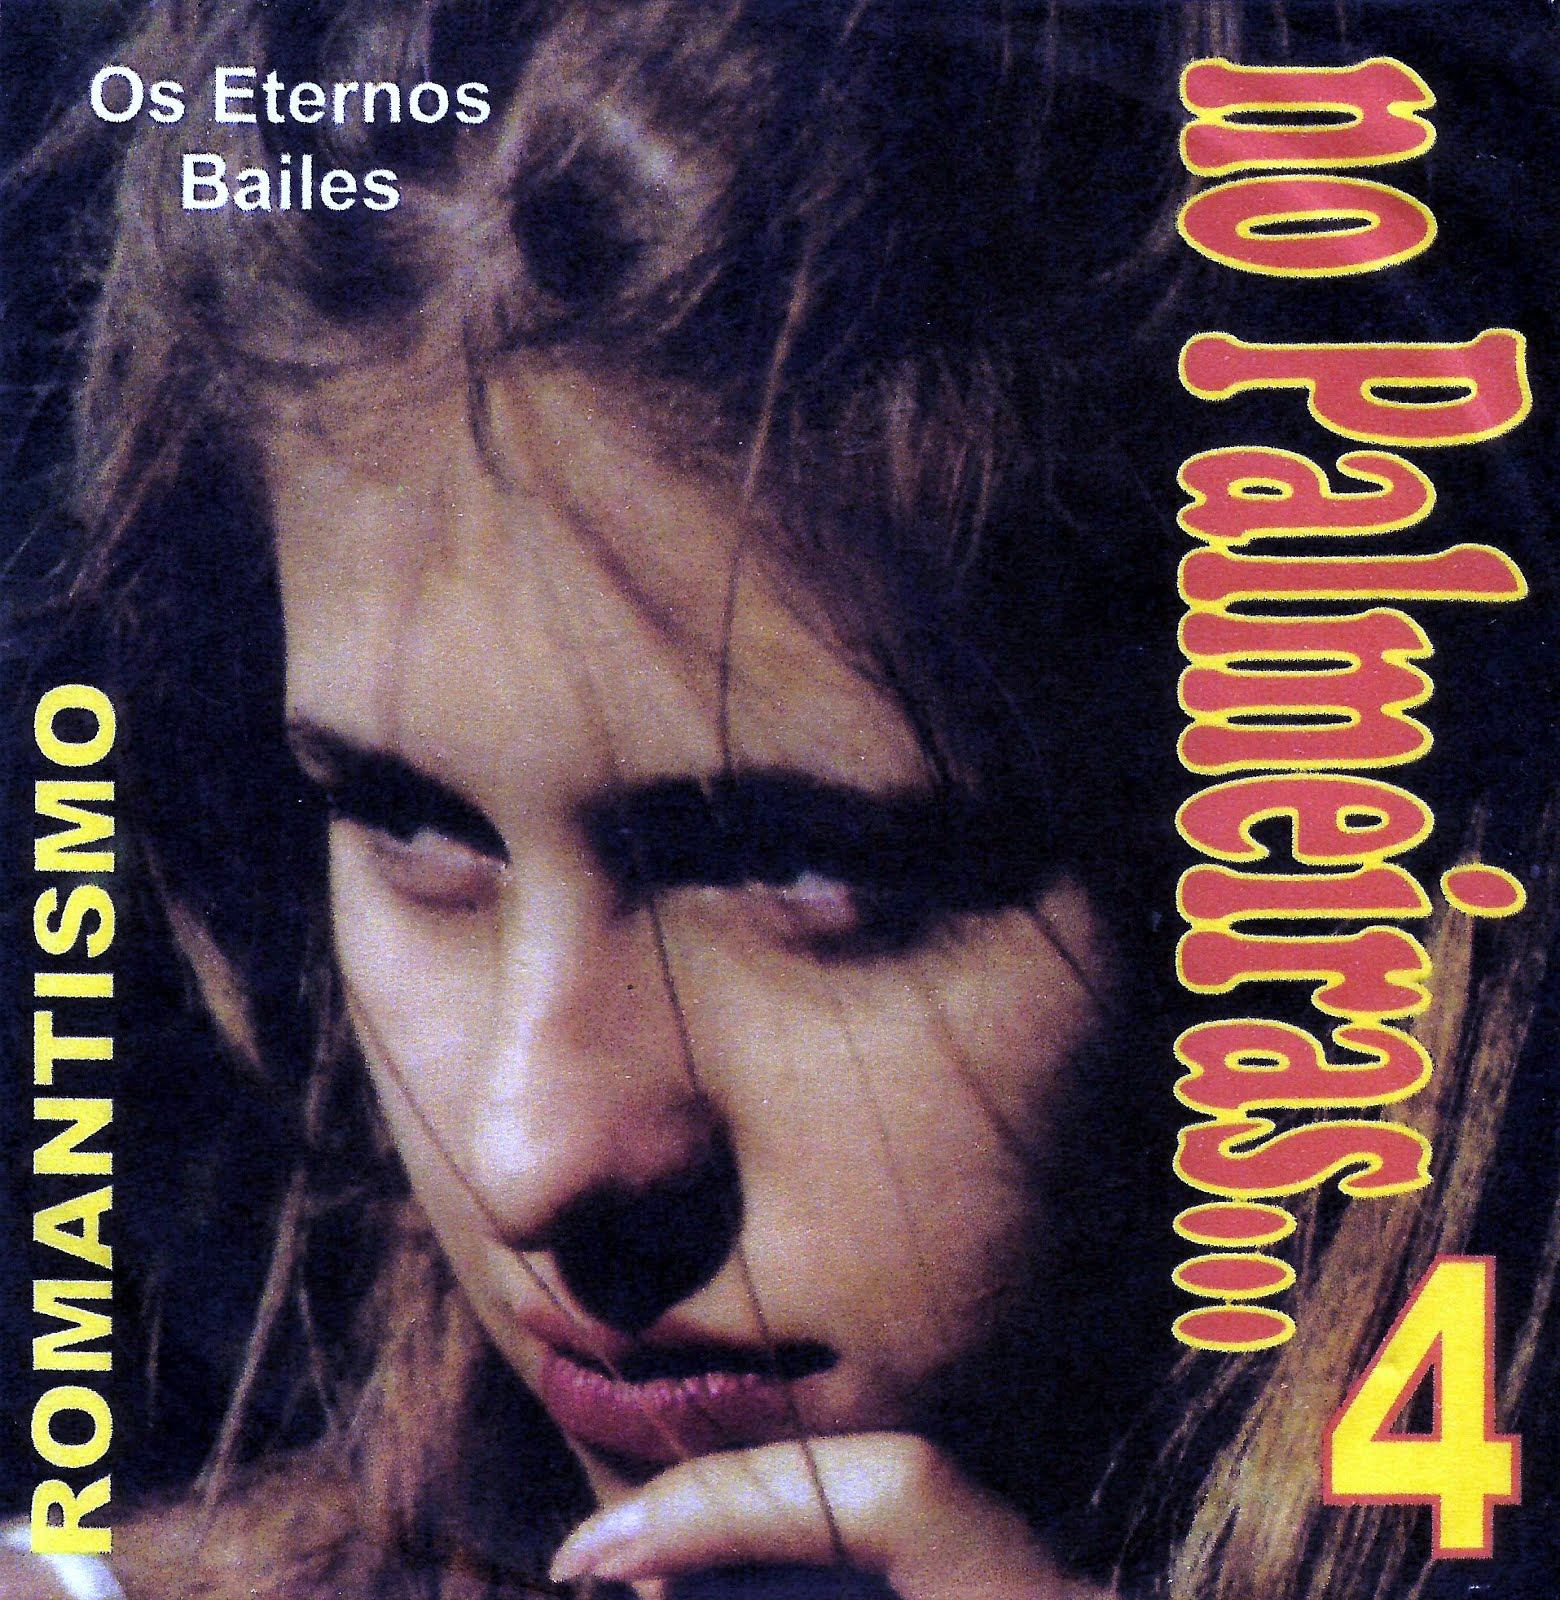 OS ETERNOS BAILE DO PALMEIRAS 4